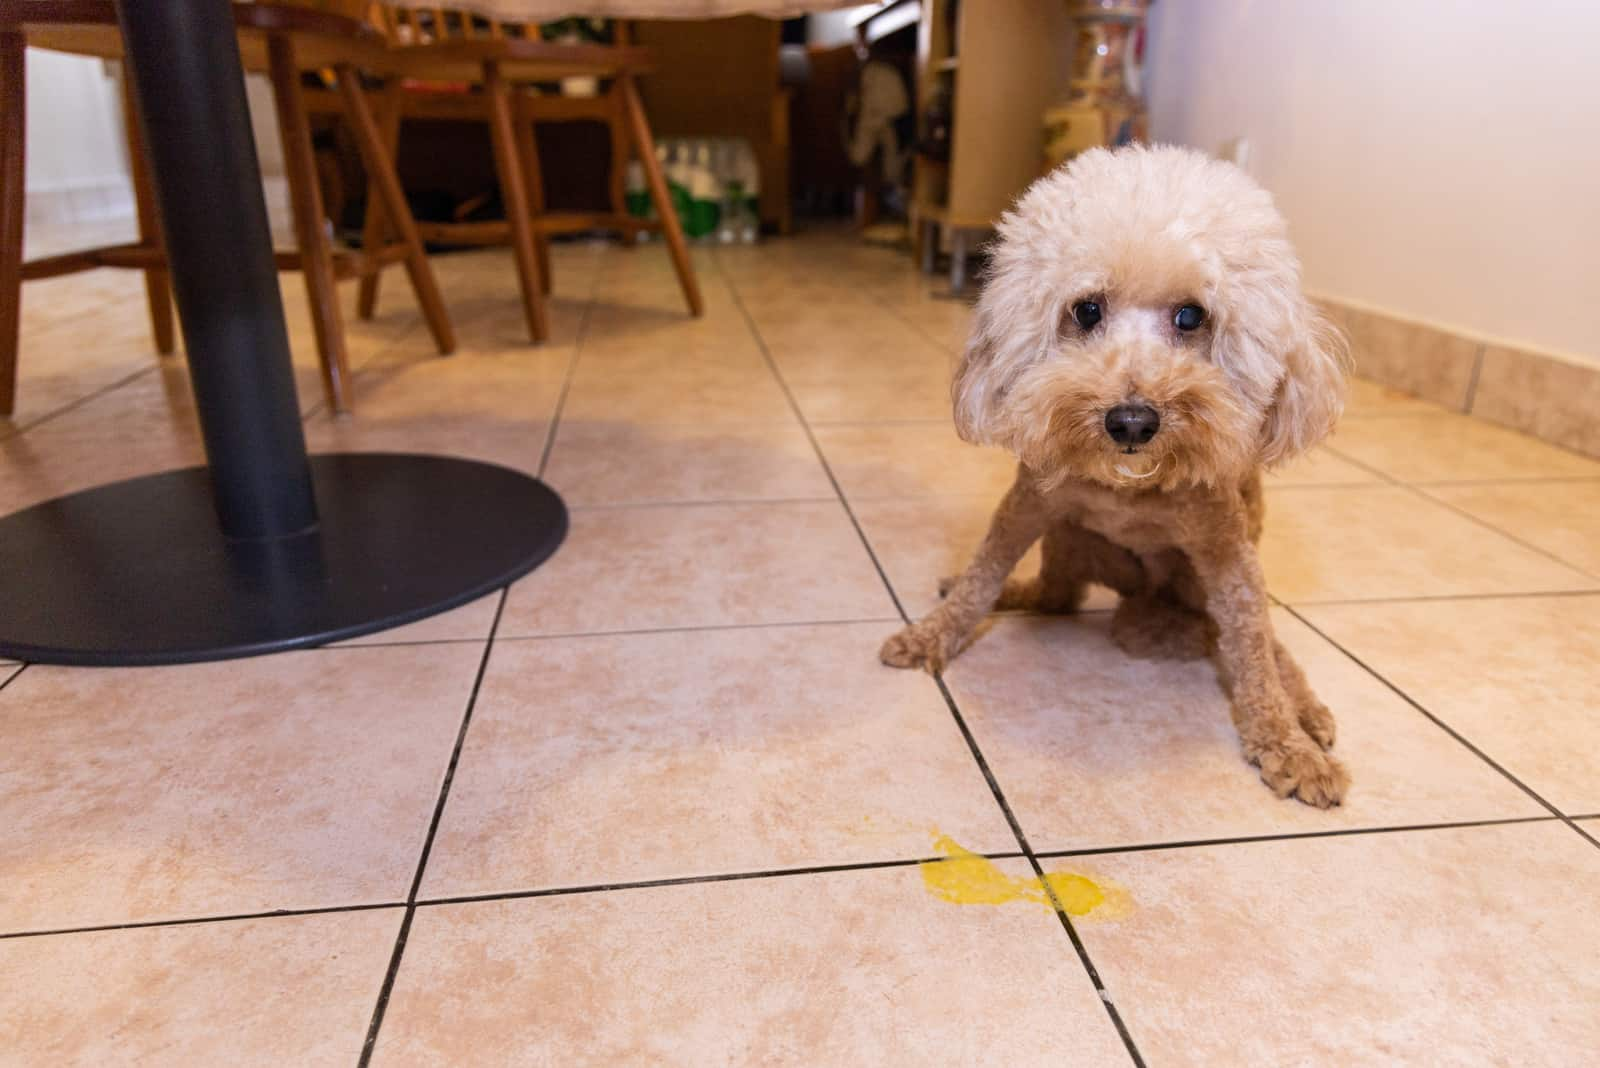 Zwergpudelhund erbricht gelbe Substanz, die vermutlich Galle ist